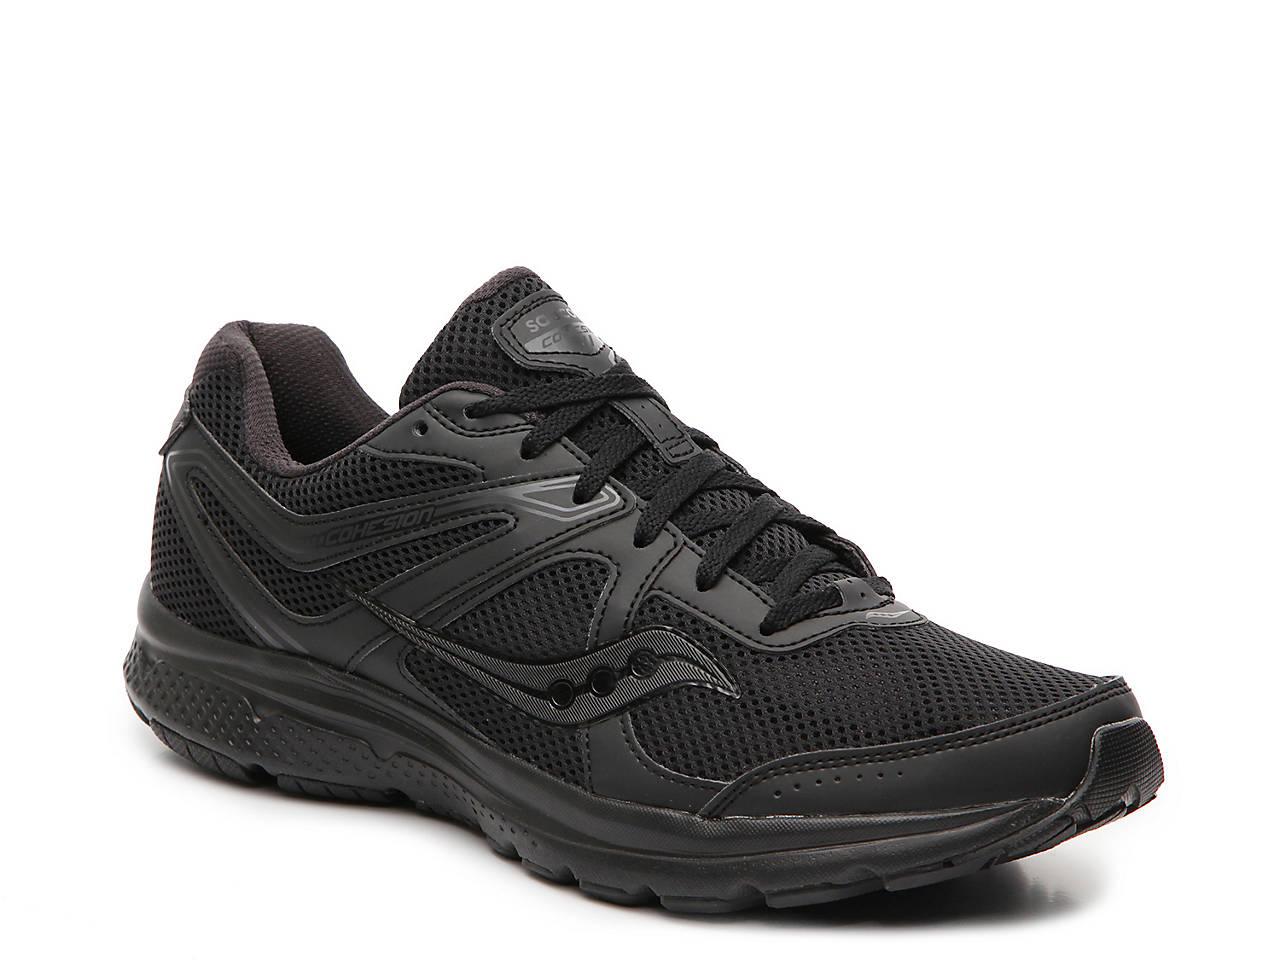 fb91ca86 Grid Cohesion 11 Running Shoe - Men's